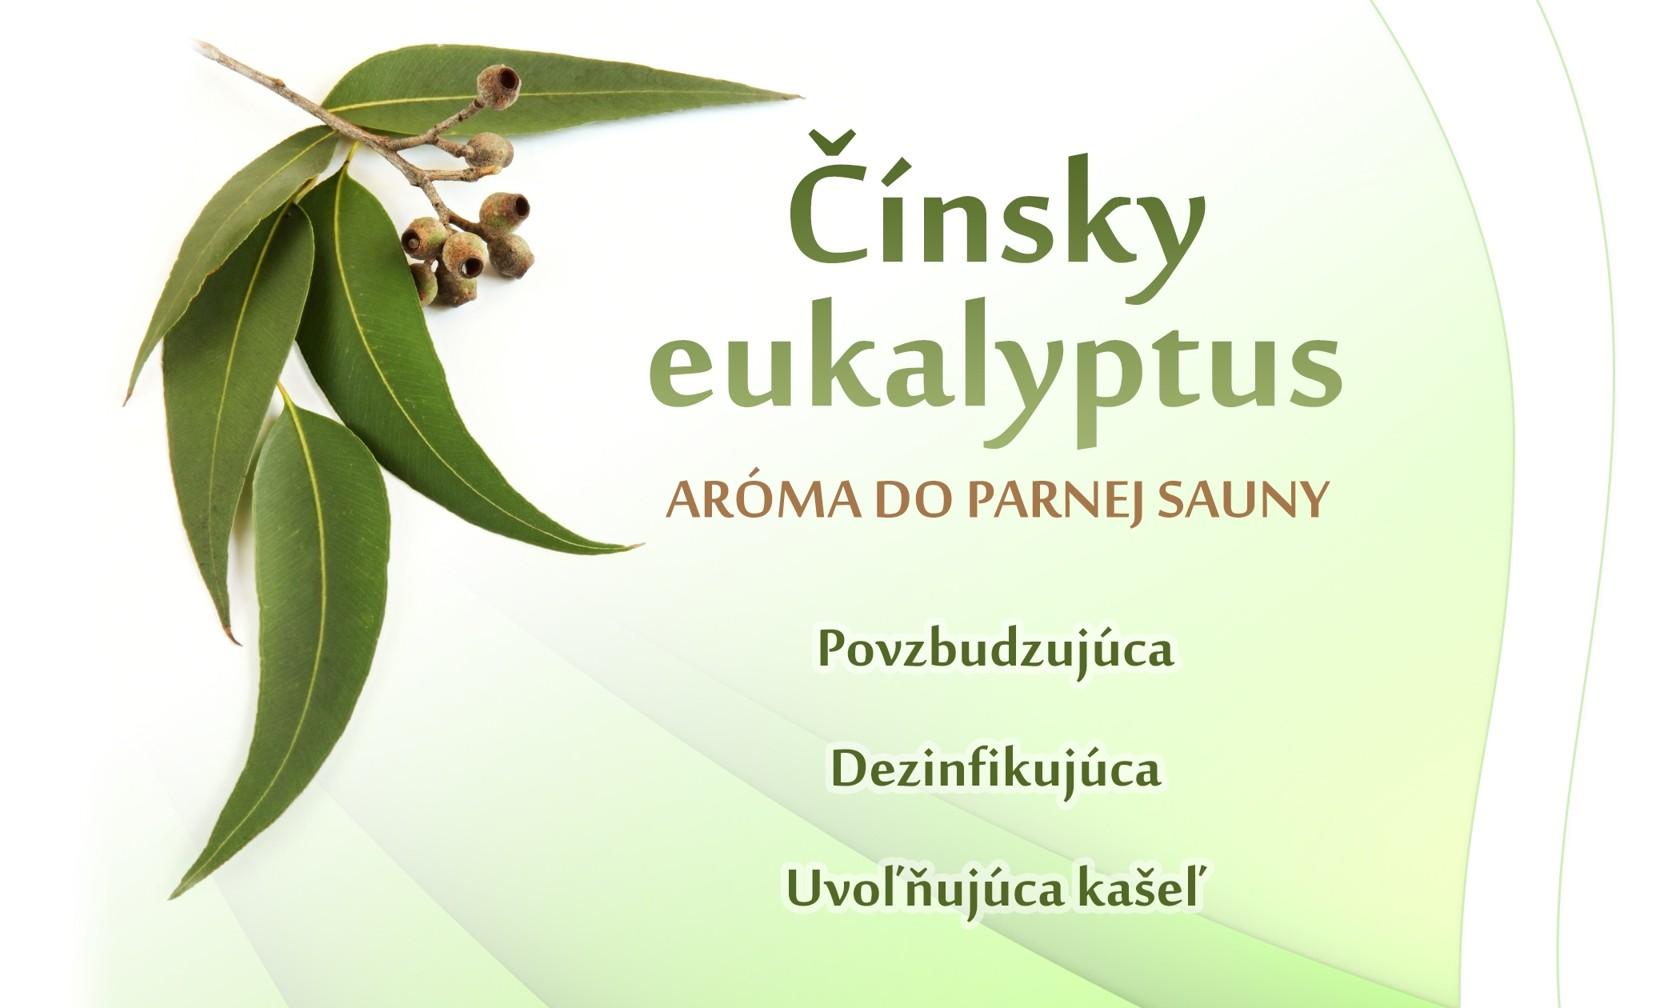 Čínsky eukaliptus - parná sauna